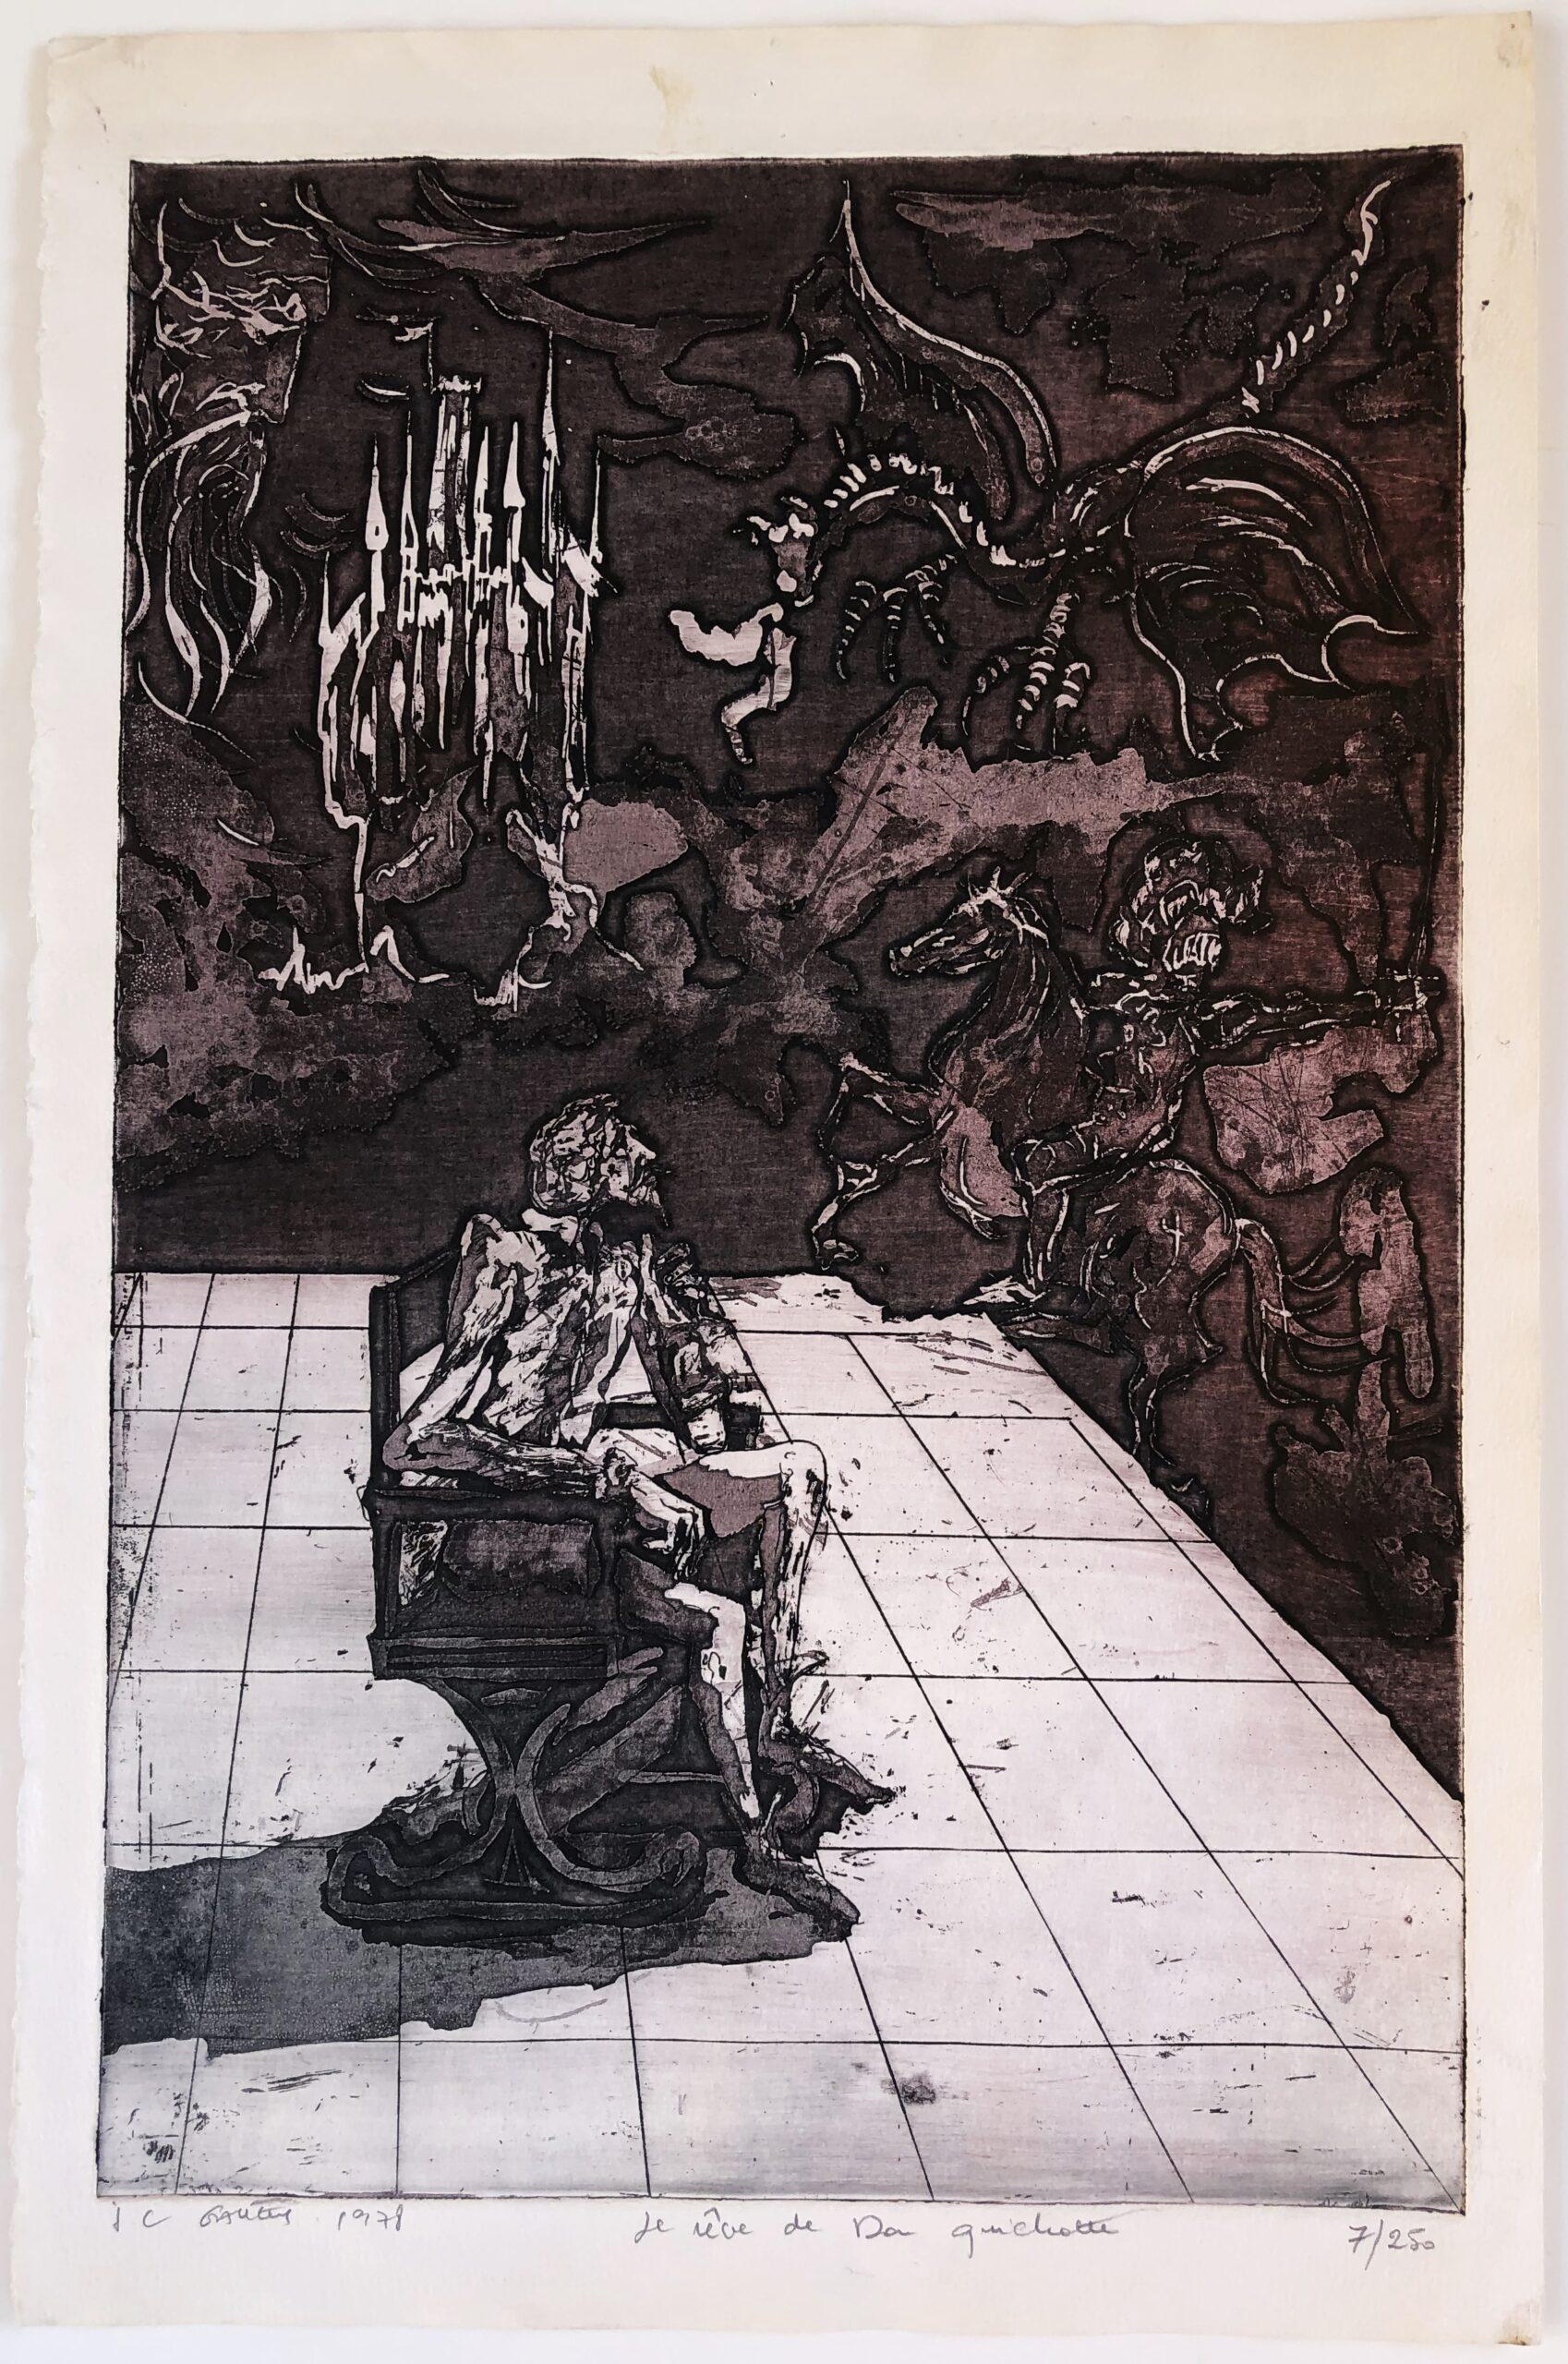 Le Rêve de Don Quichotte (The Dream of Don Quixote)